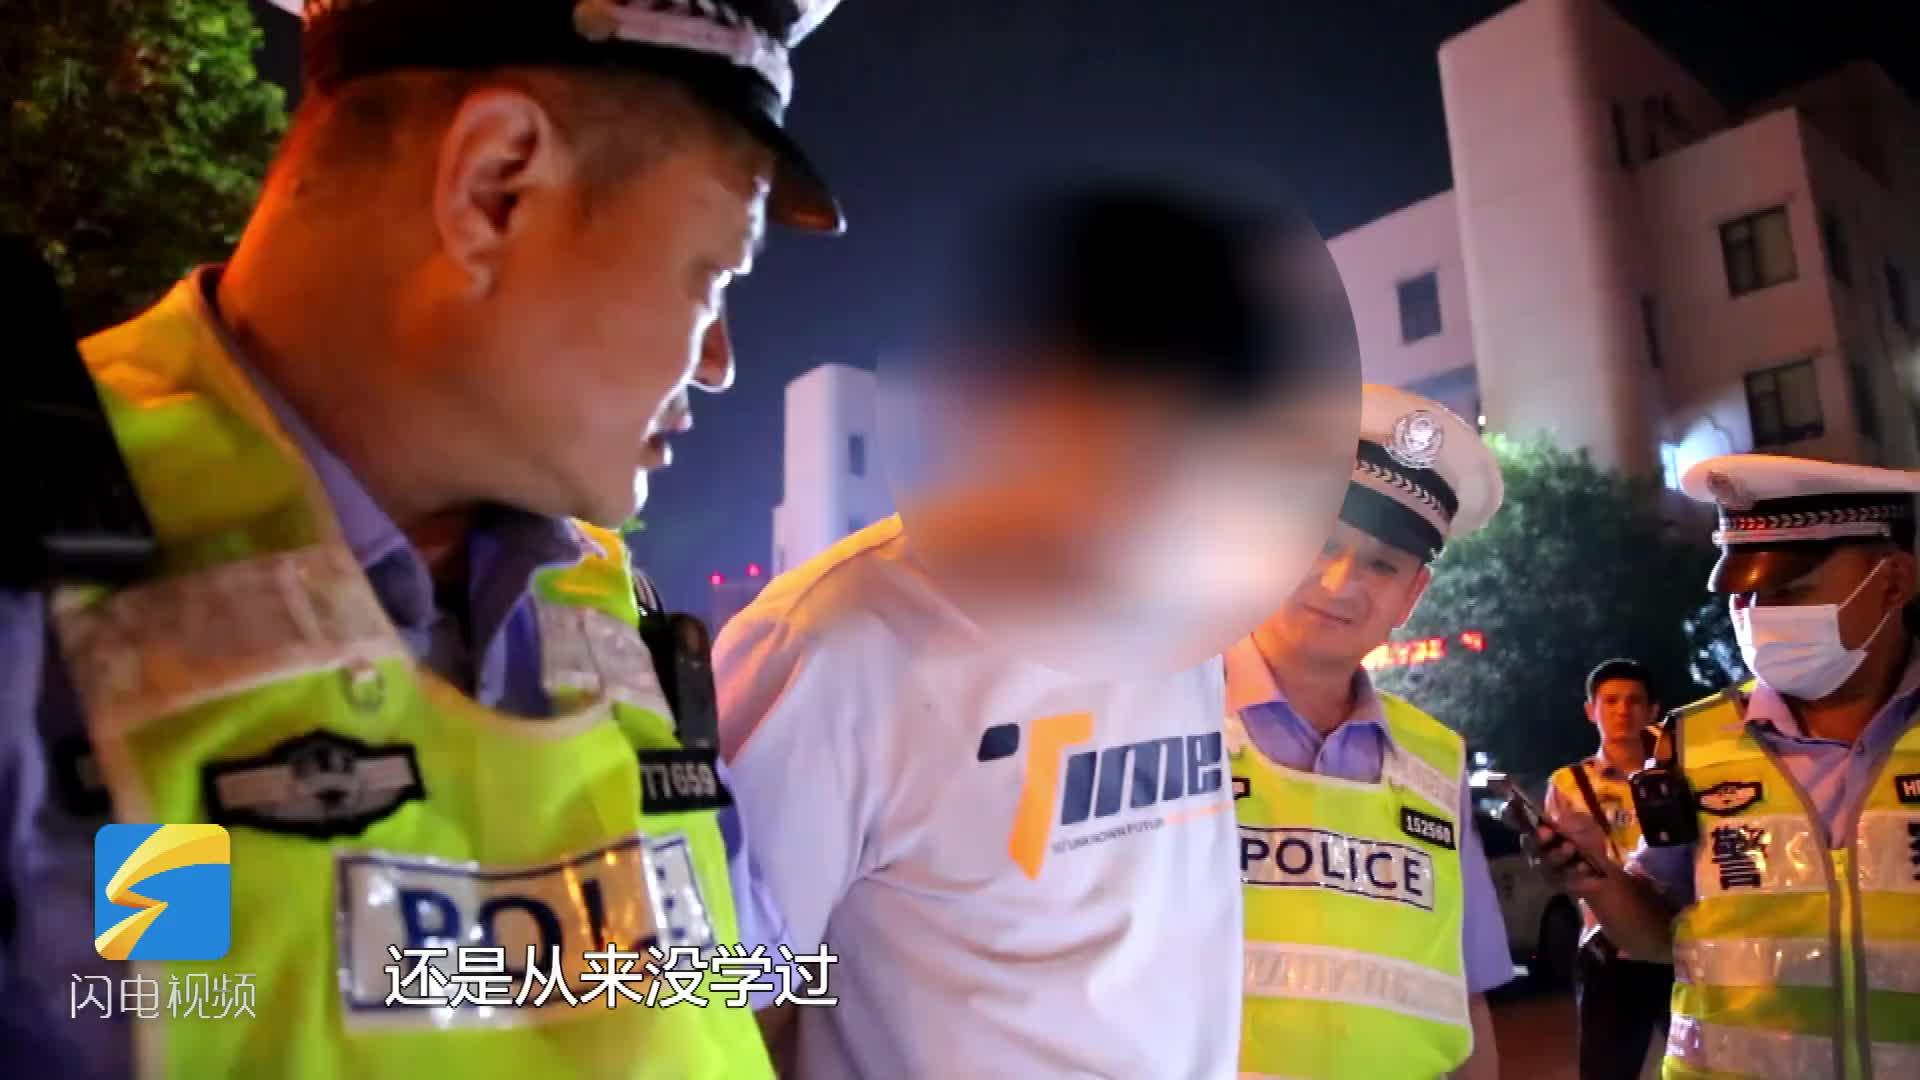 司机遇检查企图逃跑 被交警拦下后竟是无证酒驾